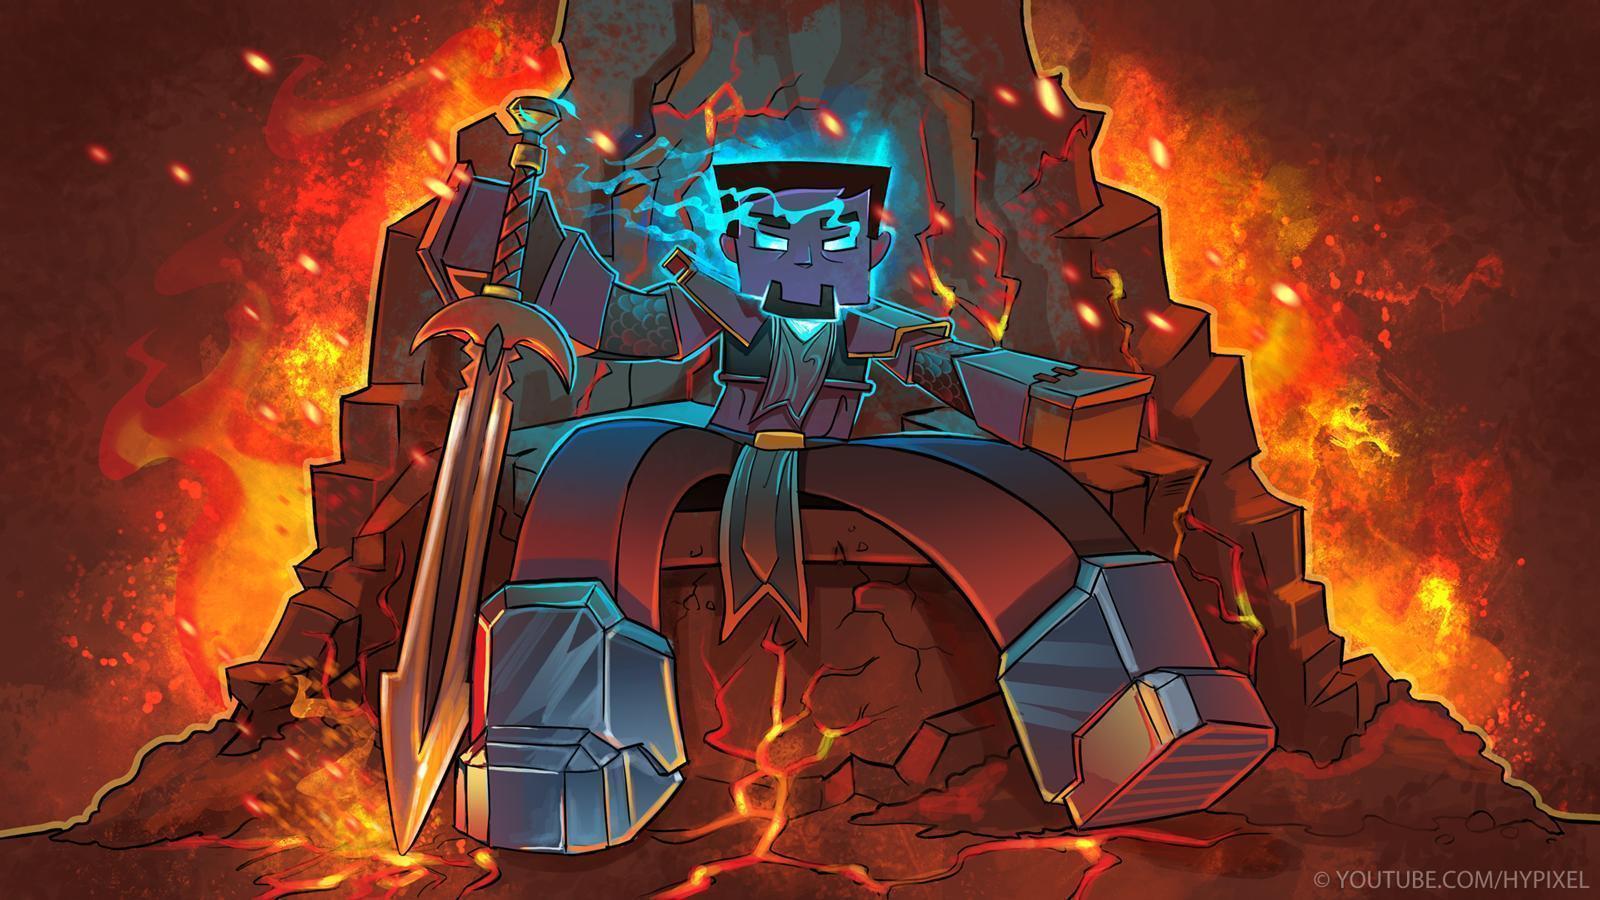 Wonderful Wallpaper Minecraft Laptop - CH3T6RN  Snapshot_599054.jpg